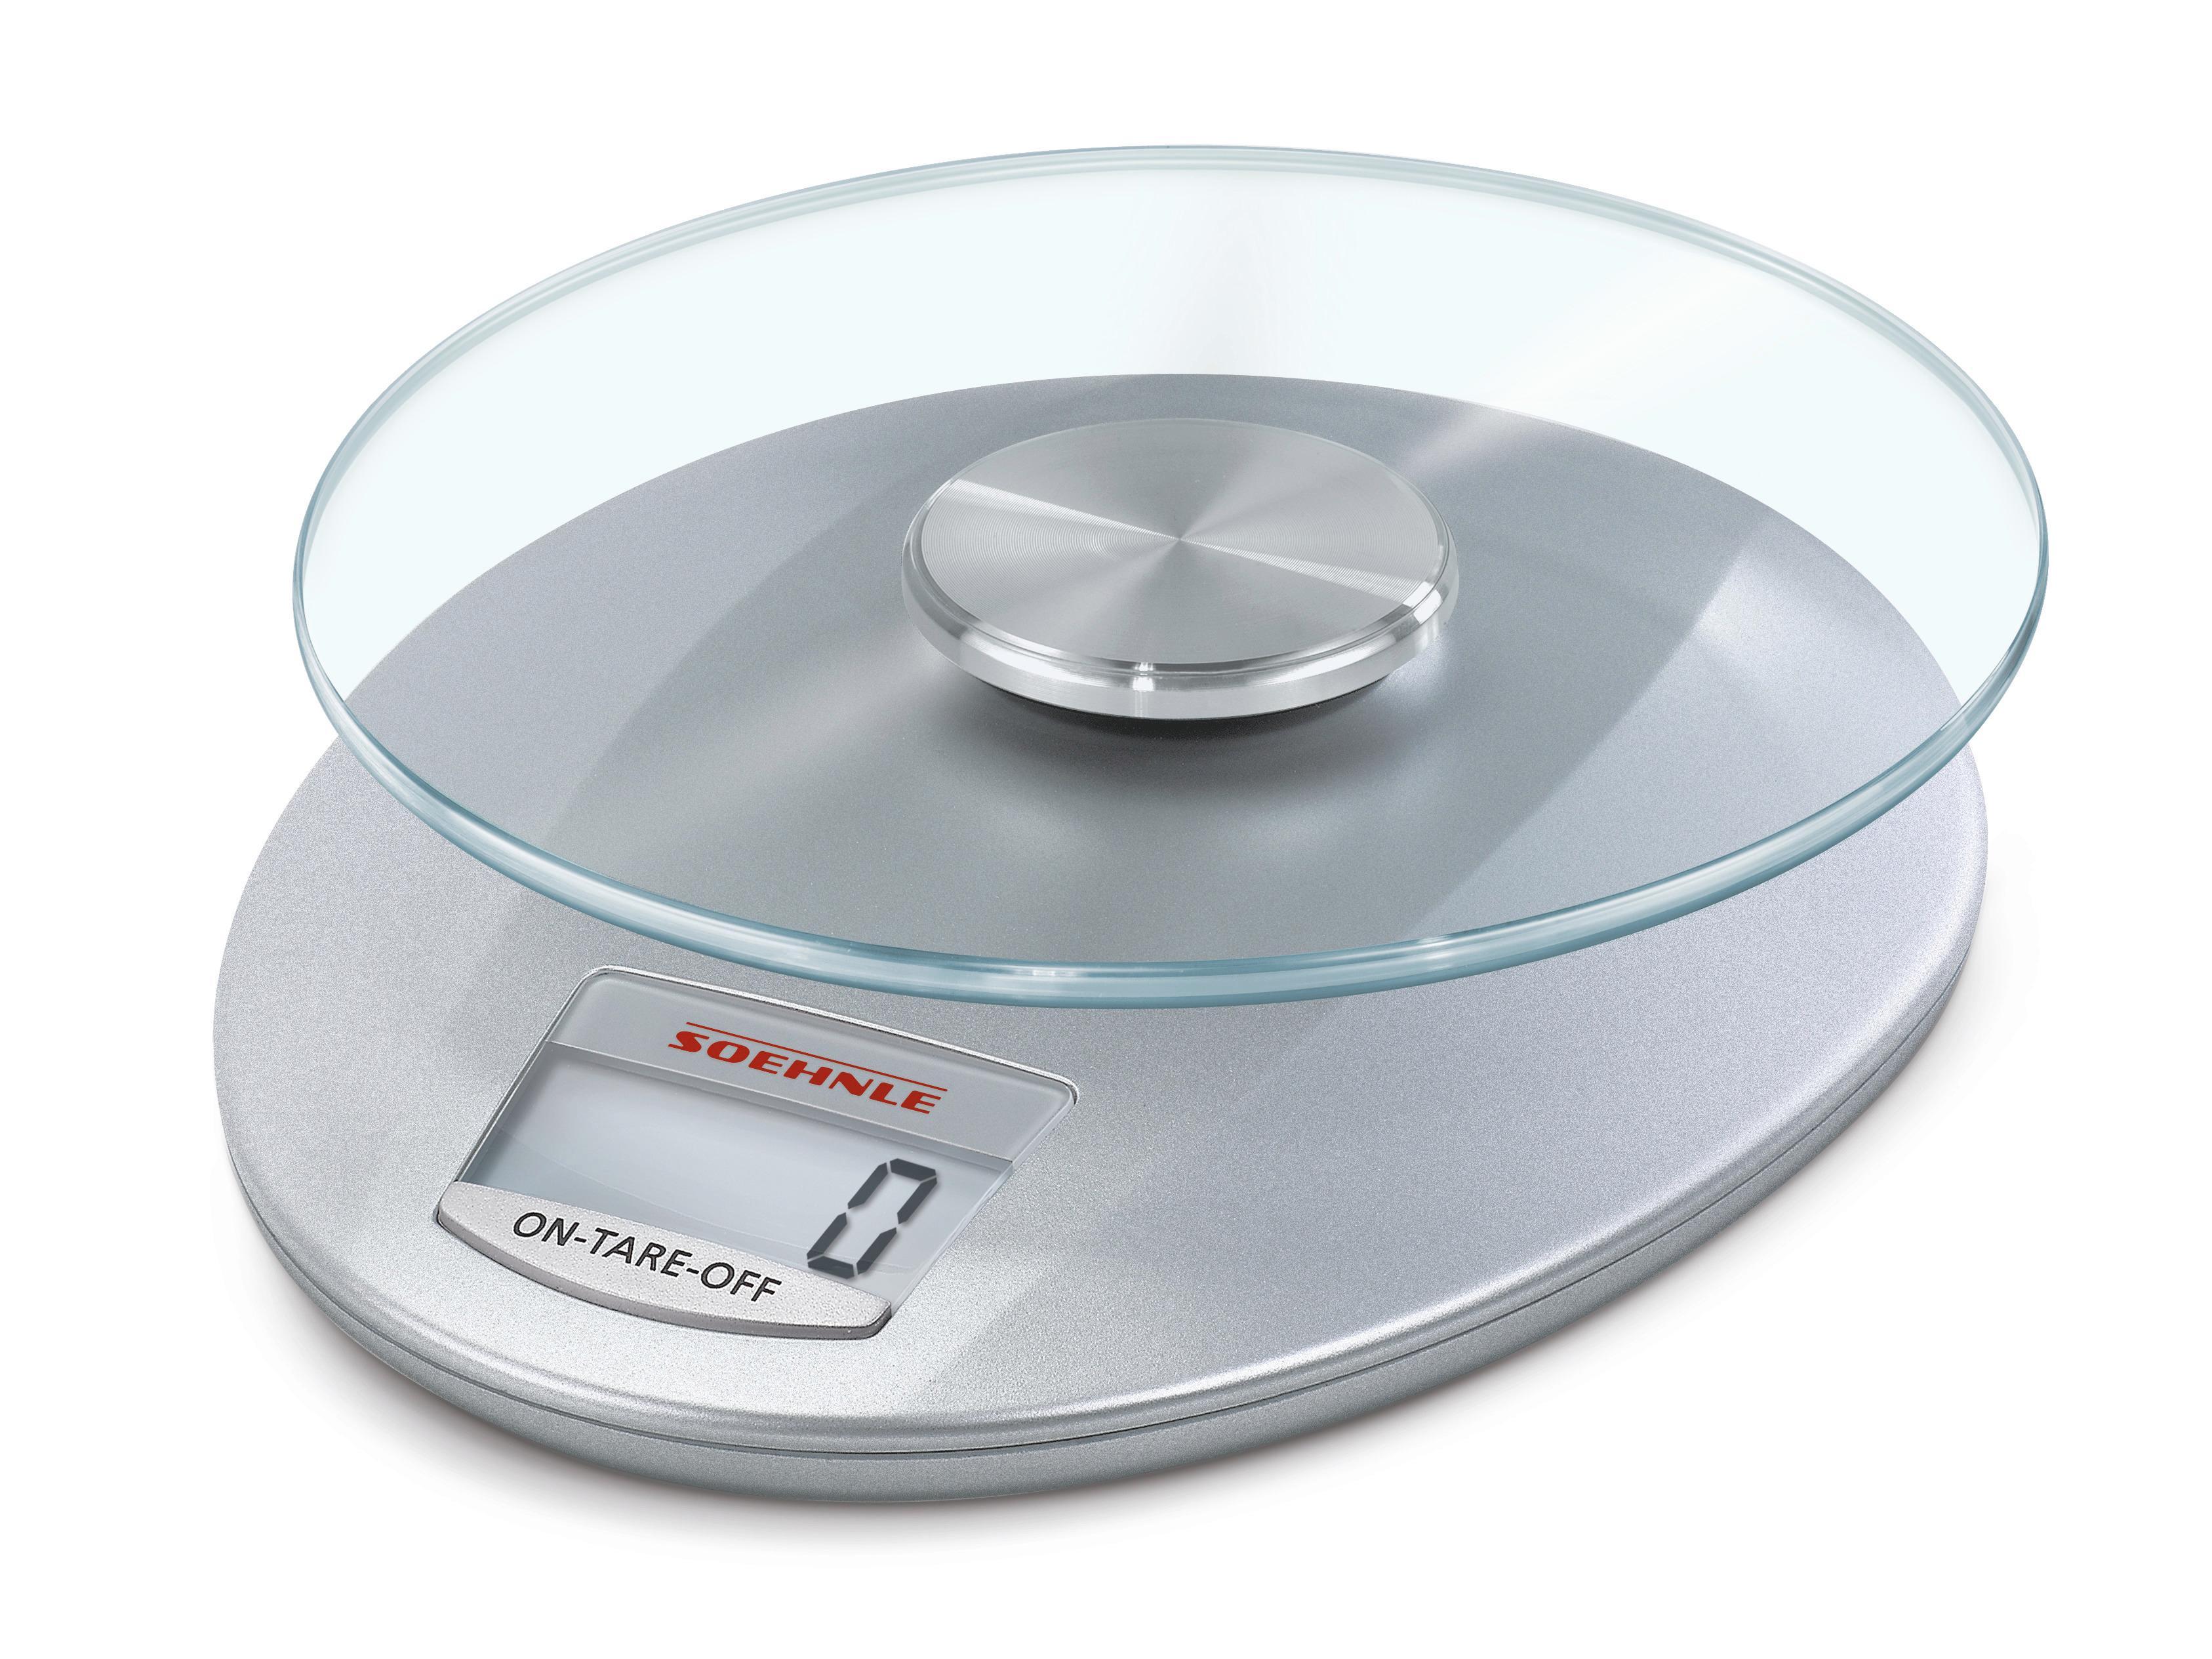 Soehnle 65856 Digitale Küchenwaage Roma silver: Amazon.de: Küche ...